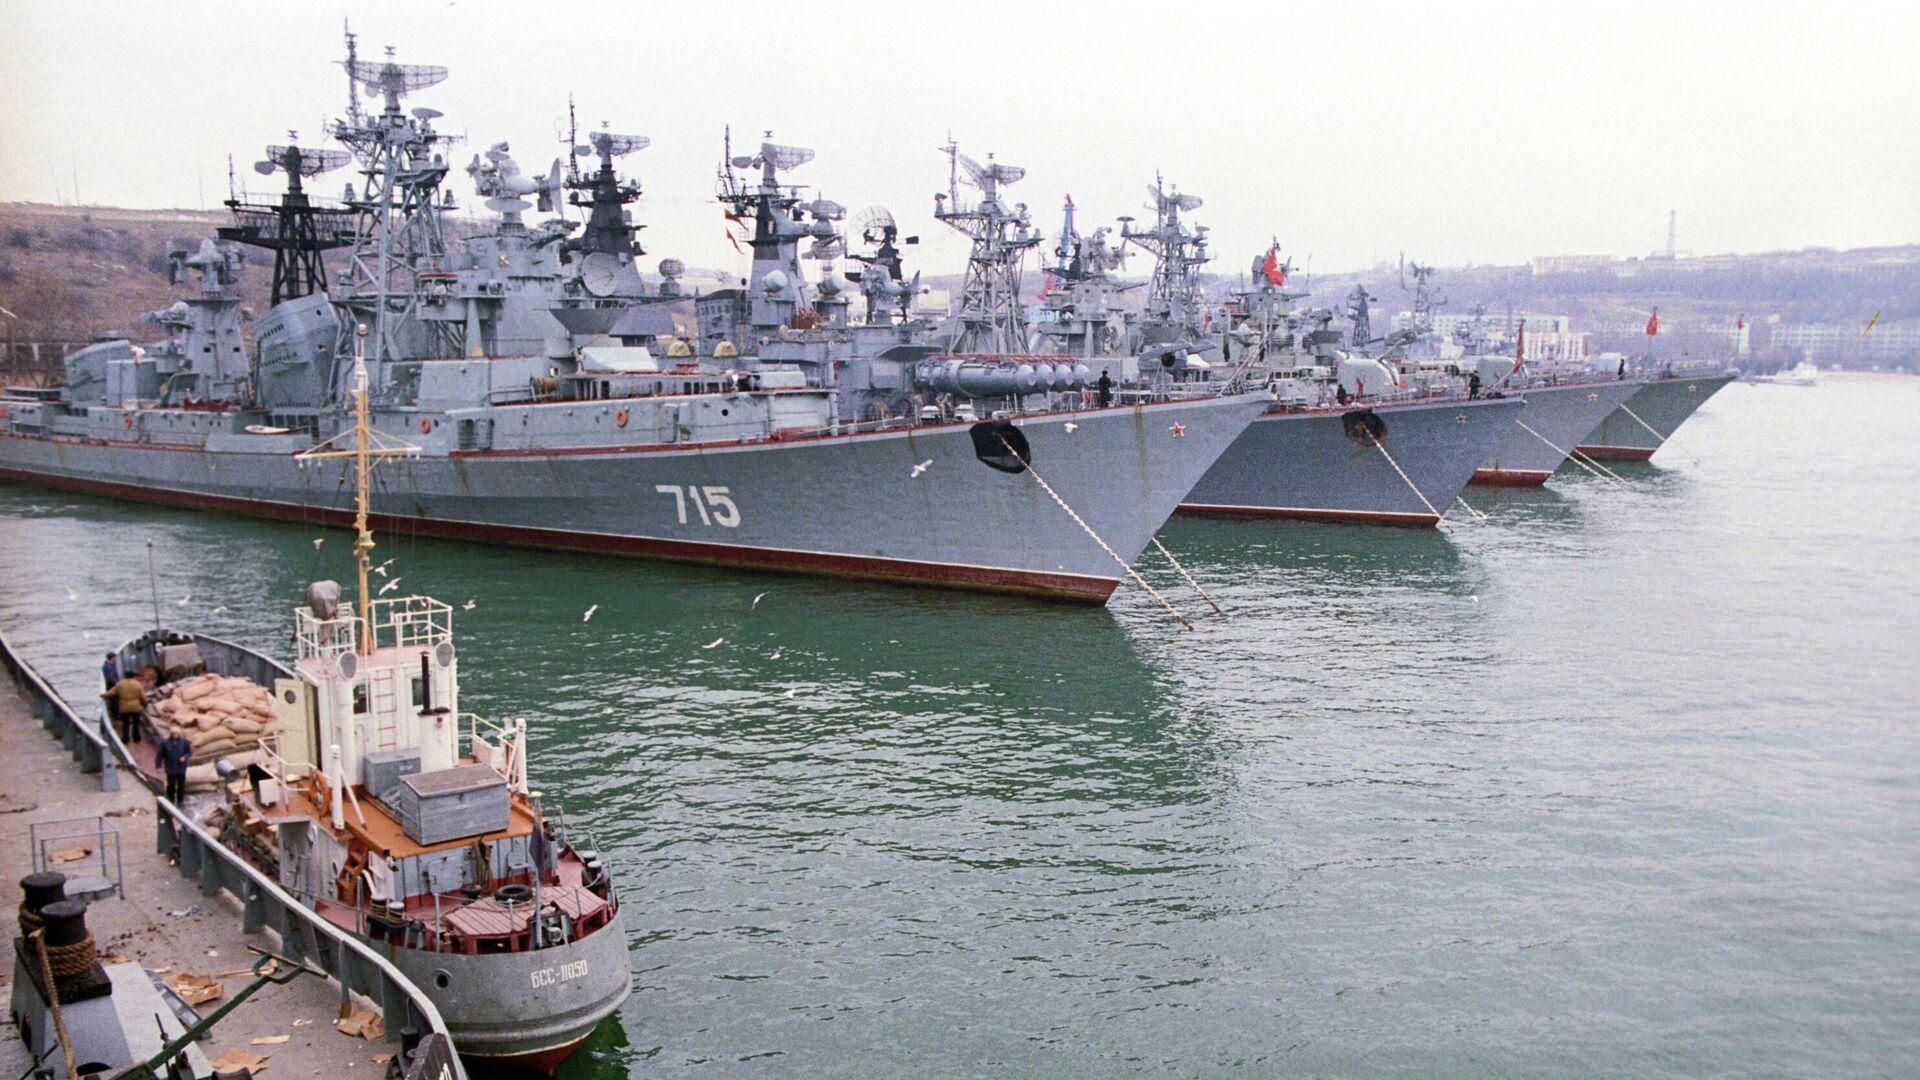 Военно-морские корабли Черноморского флота в бухте Севастополя - РИА Новости, 1920, 30.07.2021